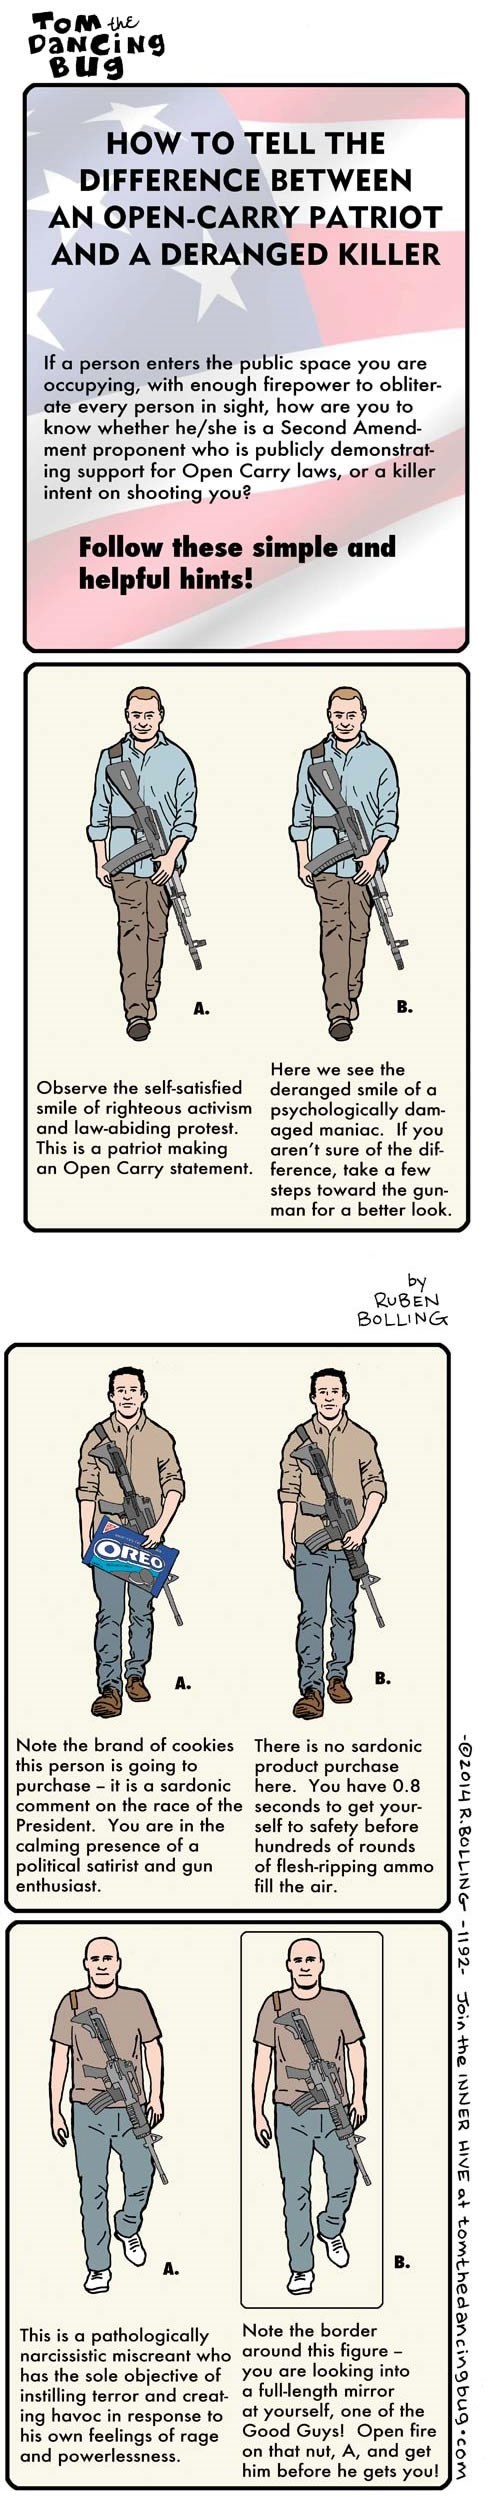 guns sick truth laws sad but true web comics - 8219297536